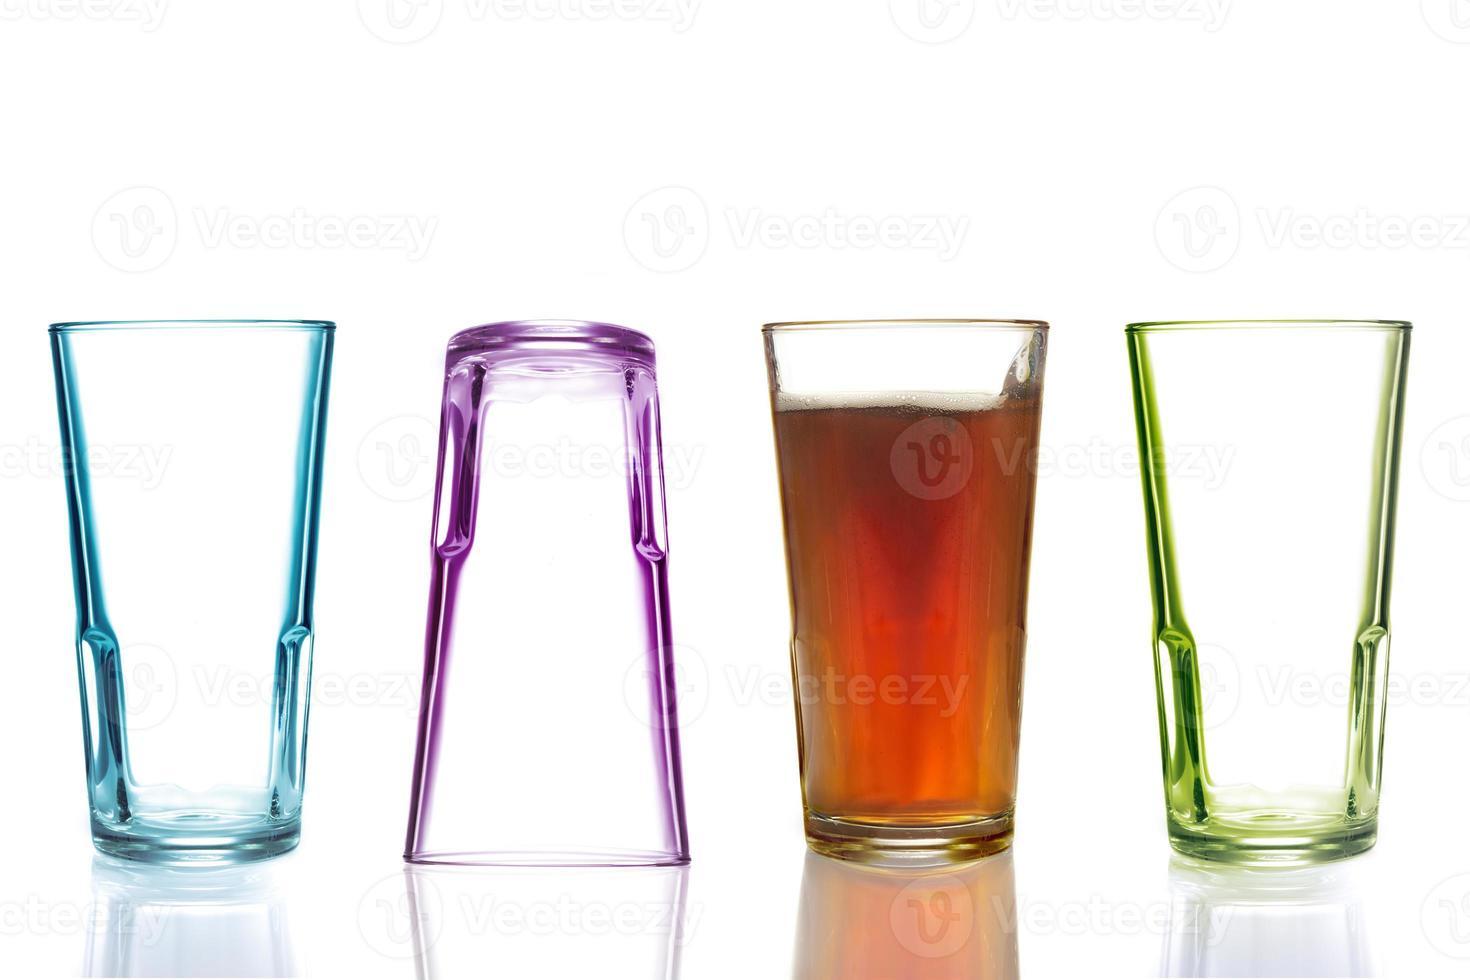 cuatro vasos coloridos, uno con cola foto